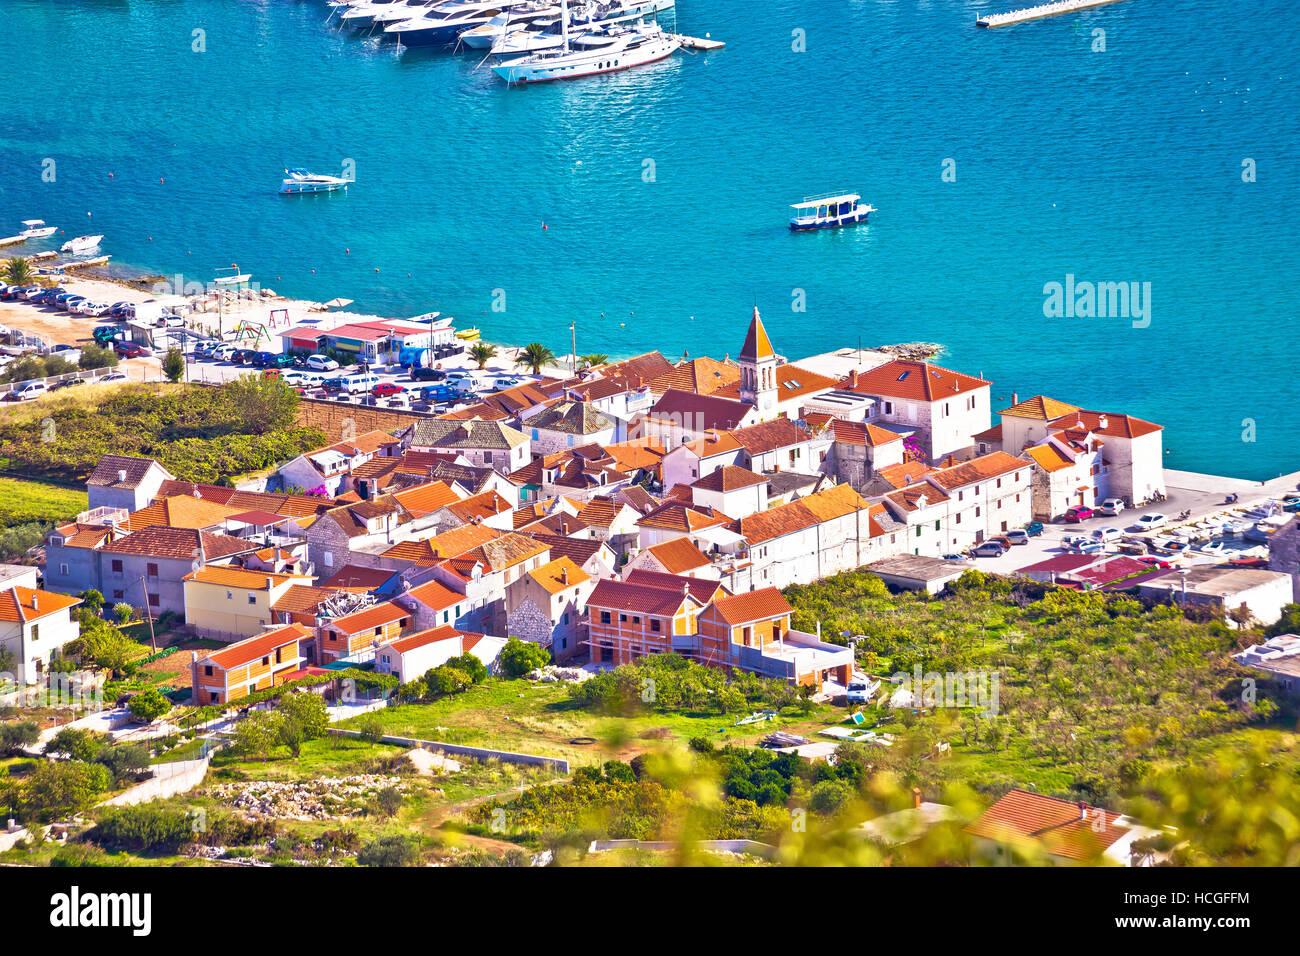 Town of Seget aerial view, Dalmatia, Croatia - Stock Image